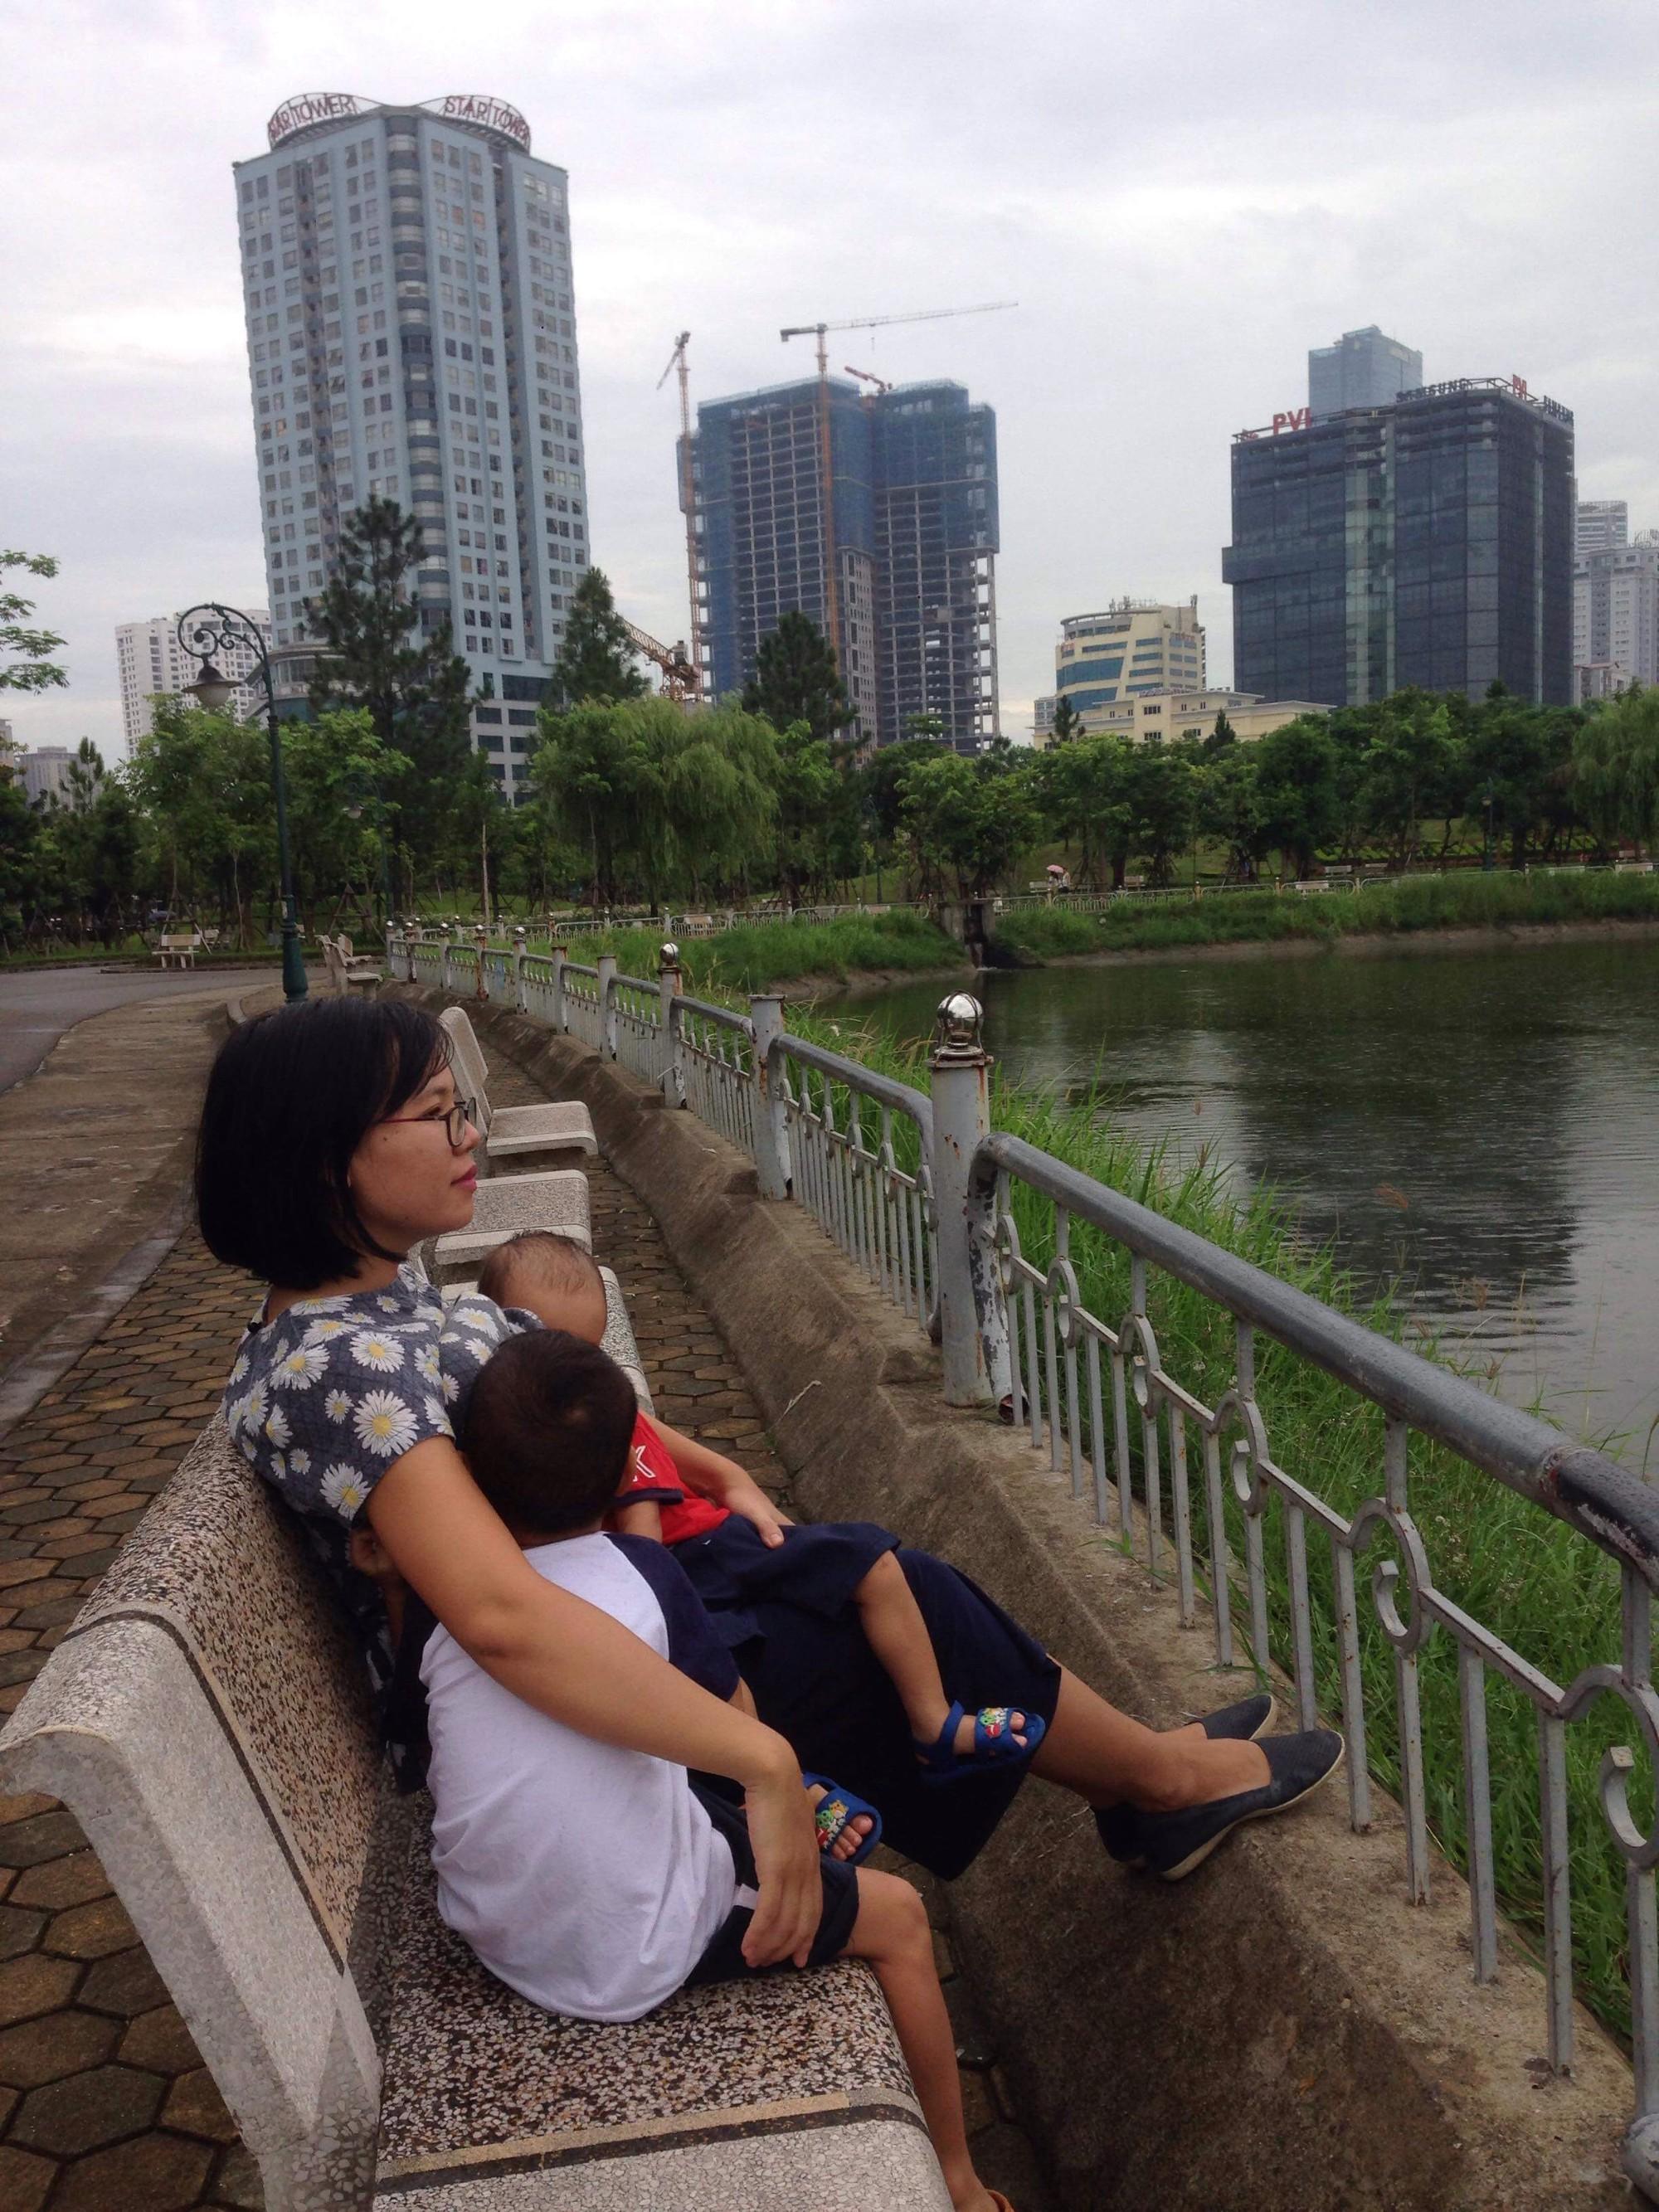 Mẹ Việt chia sẻ bí quyết dành 2 tiếng mỗi ngày cho con bú mẹ trực tiếp để nuôi bú song song hai con 4 tuổi và 20 tháng - Ảnh 4.